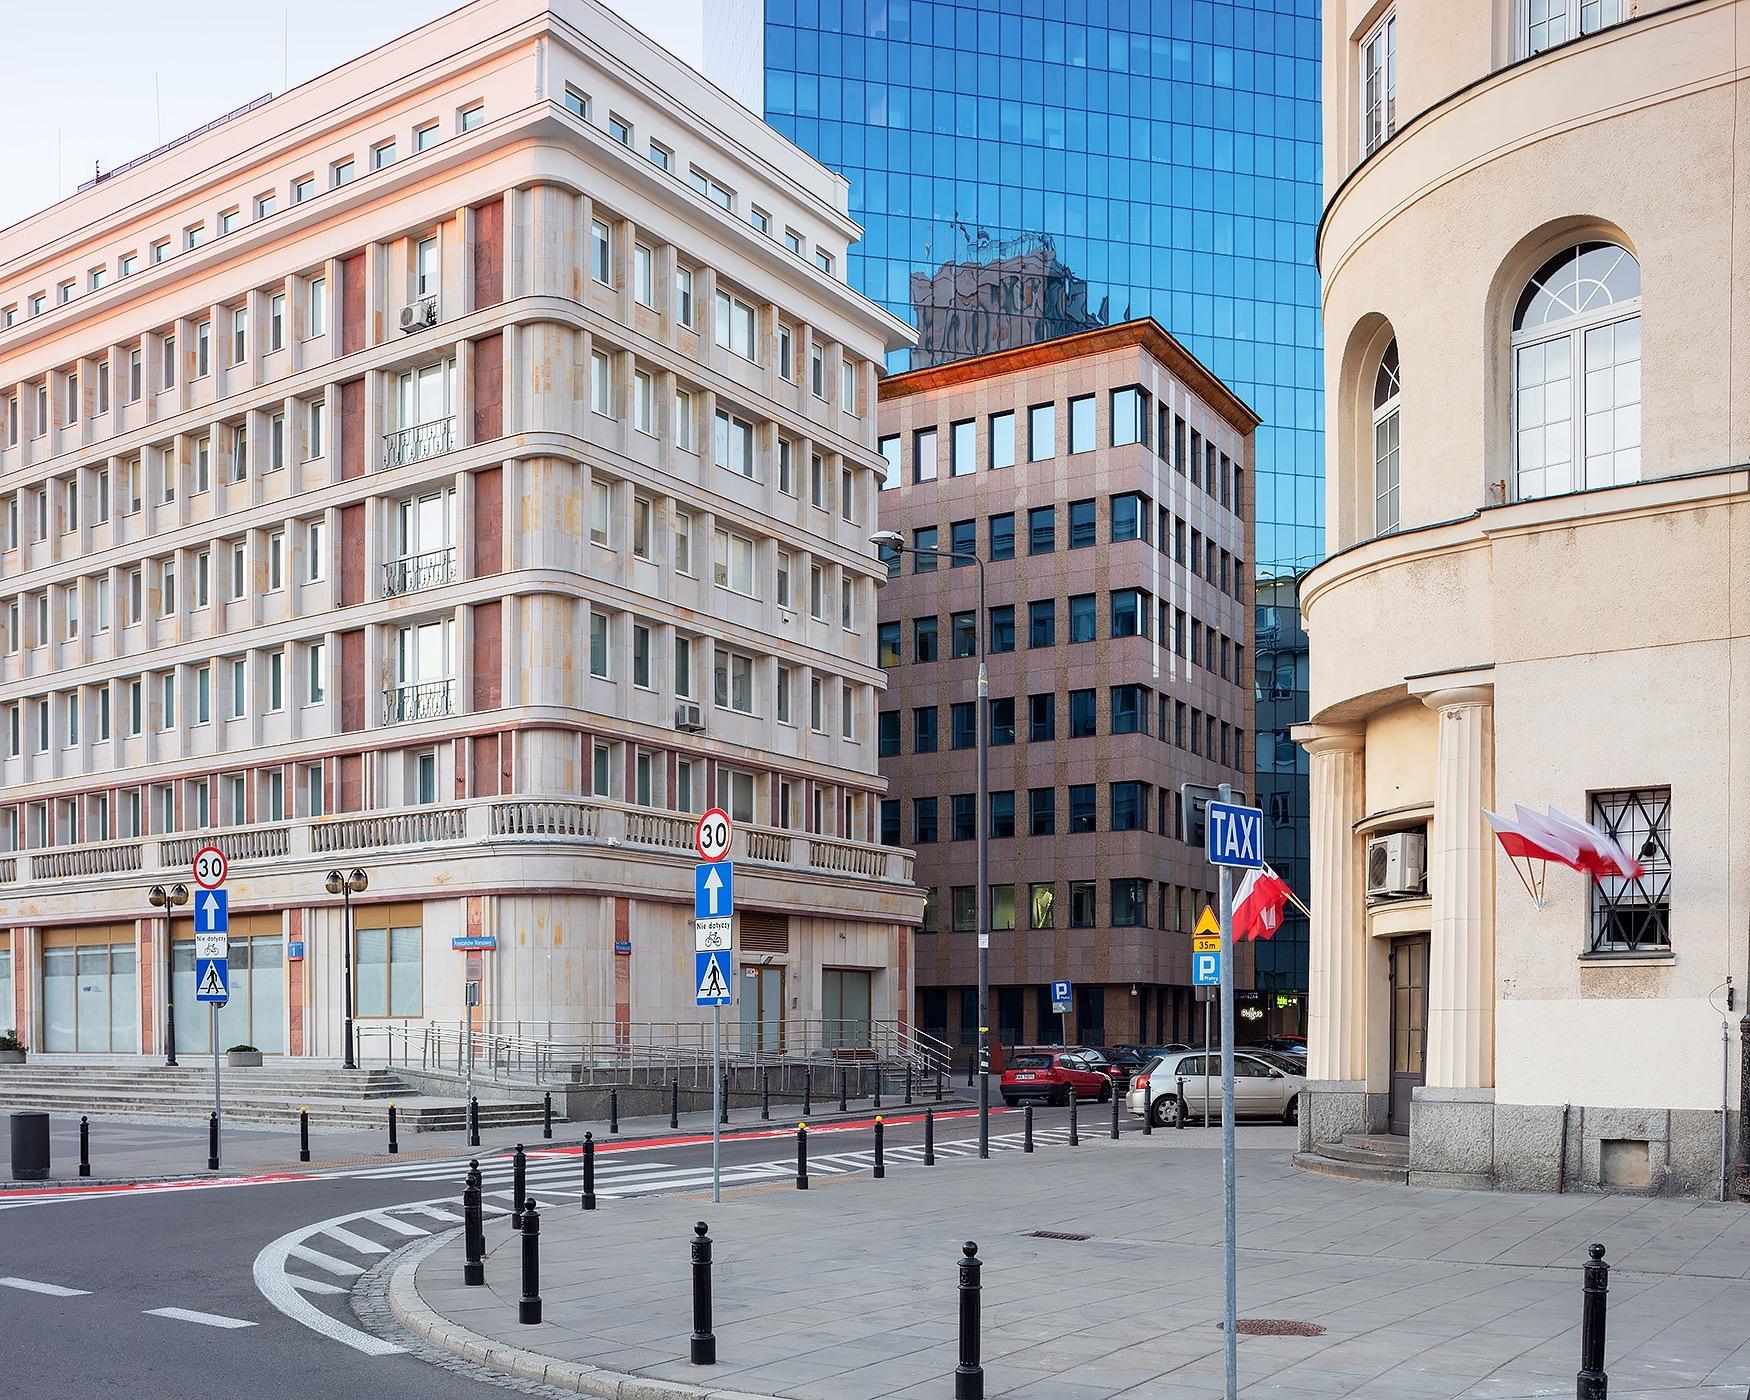 Plac Powstancow Warszawy